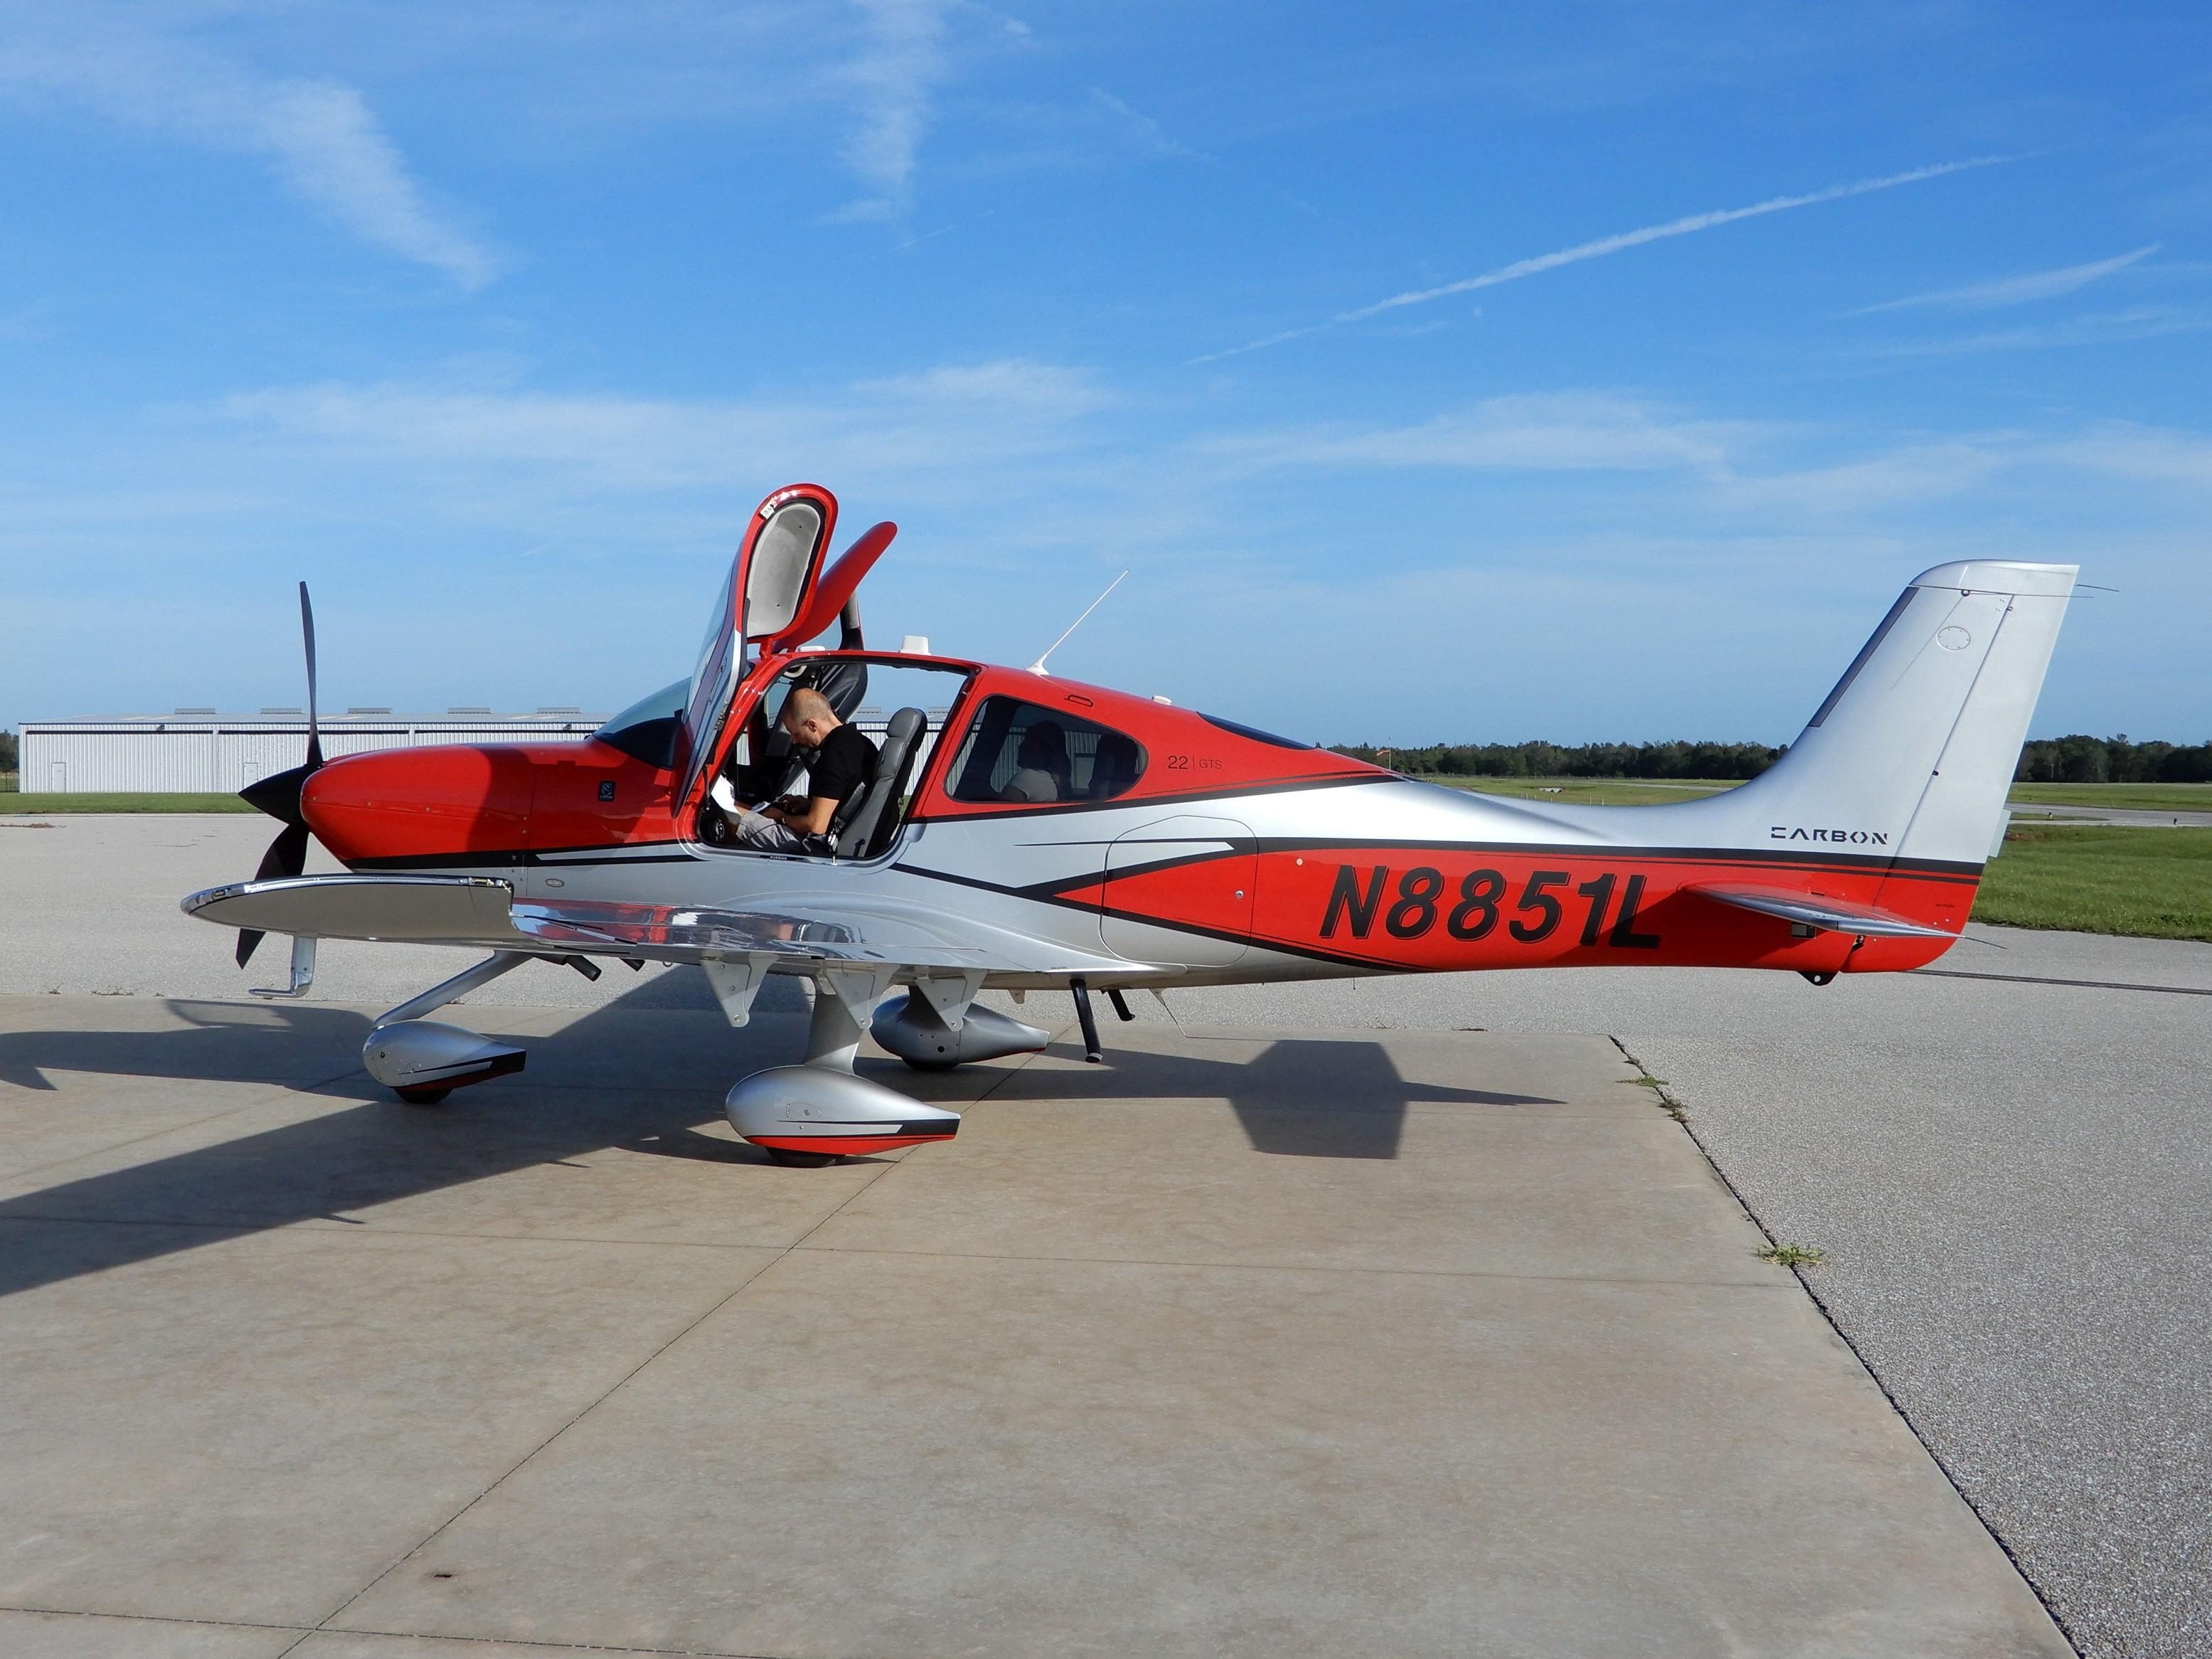 Mezipřistání na letišti Wachula (KCHN), kde s Cessnou běžně trénujeme okruhy. Při cestě z Orlanda (KORL) na Key West (KEYW)